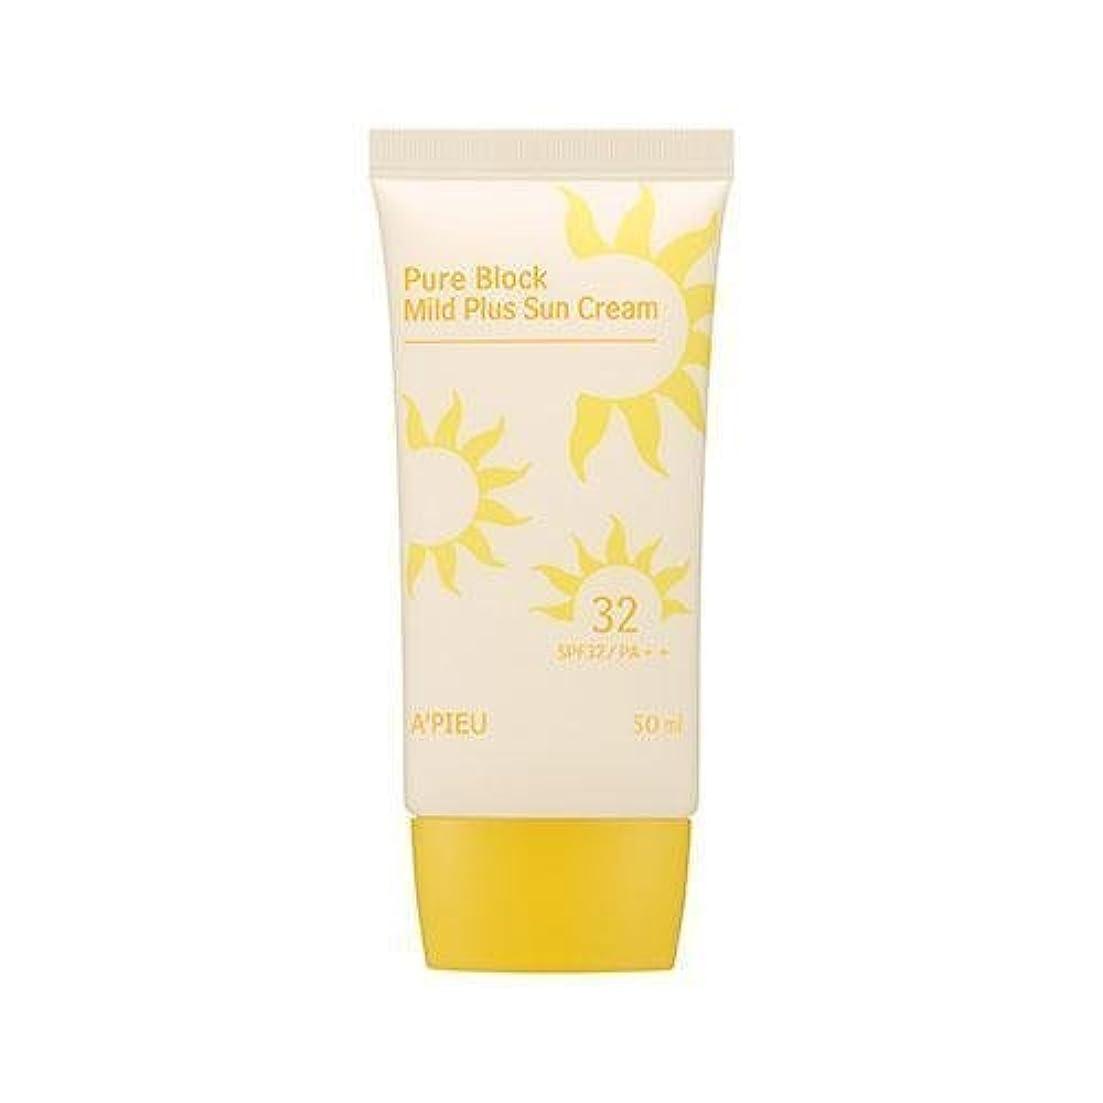 中世の頑丈スピンAPIEU Pure Block Mild Plus Sun Cream (SPF32/PA++)/ Made in Korea